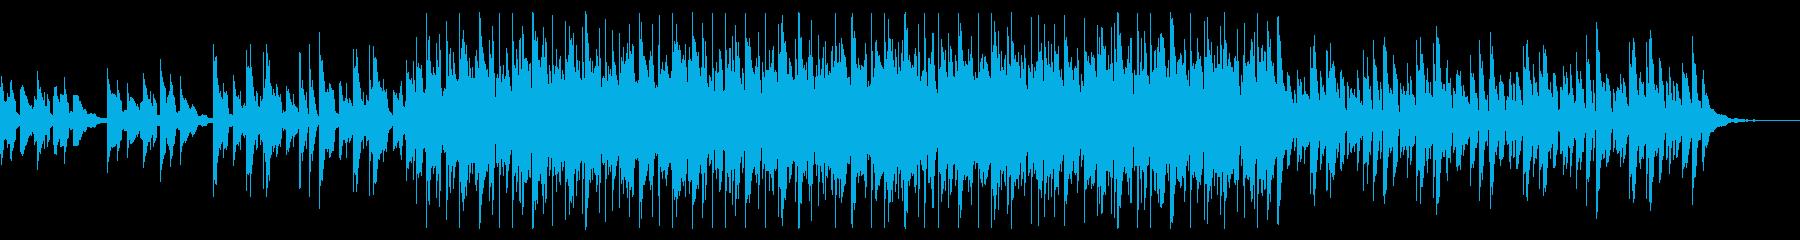 スローテンポで幻想的なシンセサイザーの曲の再生済みの波形